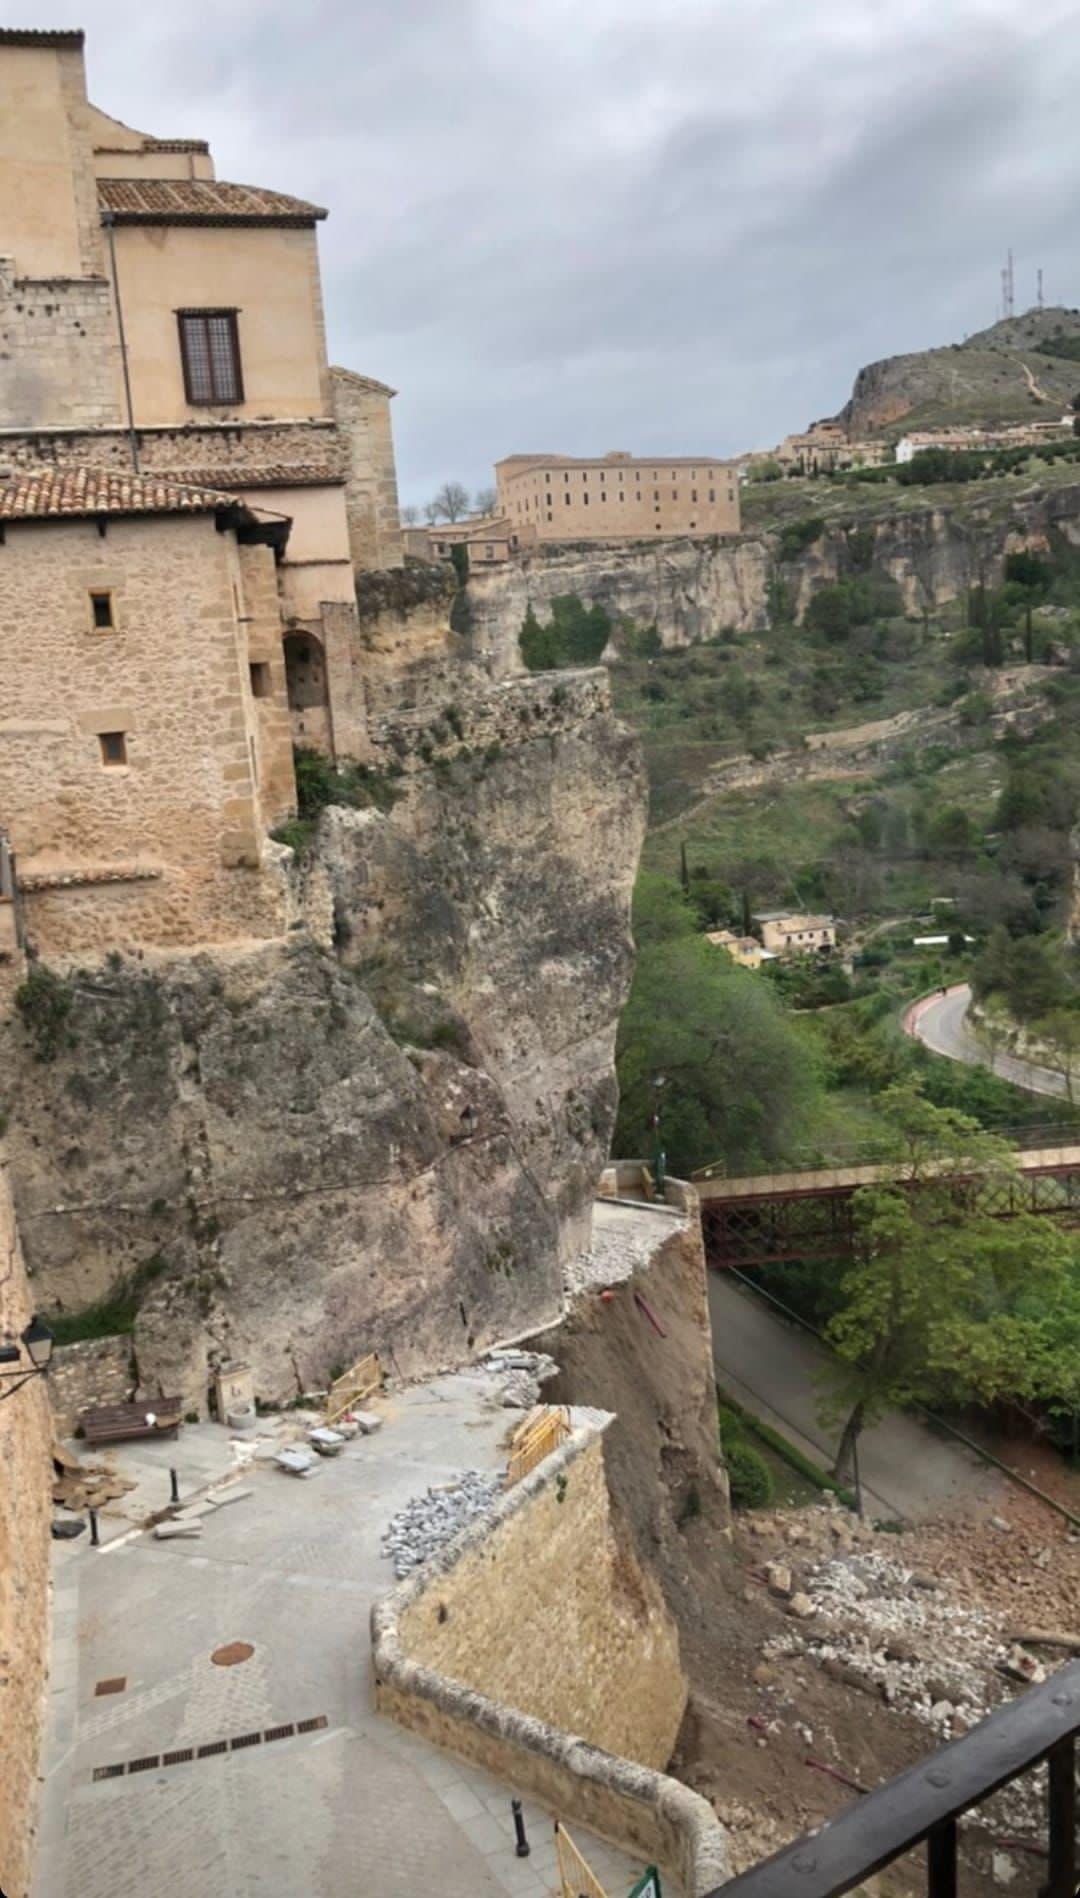 Ciudadanos exigirá la dimisión del Alcalde y de los concejales de Patrimonio, Obras y Urbanismo por el derrumbe de la calle de subida a las Casas Colgadas